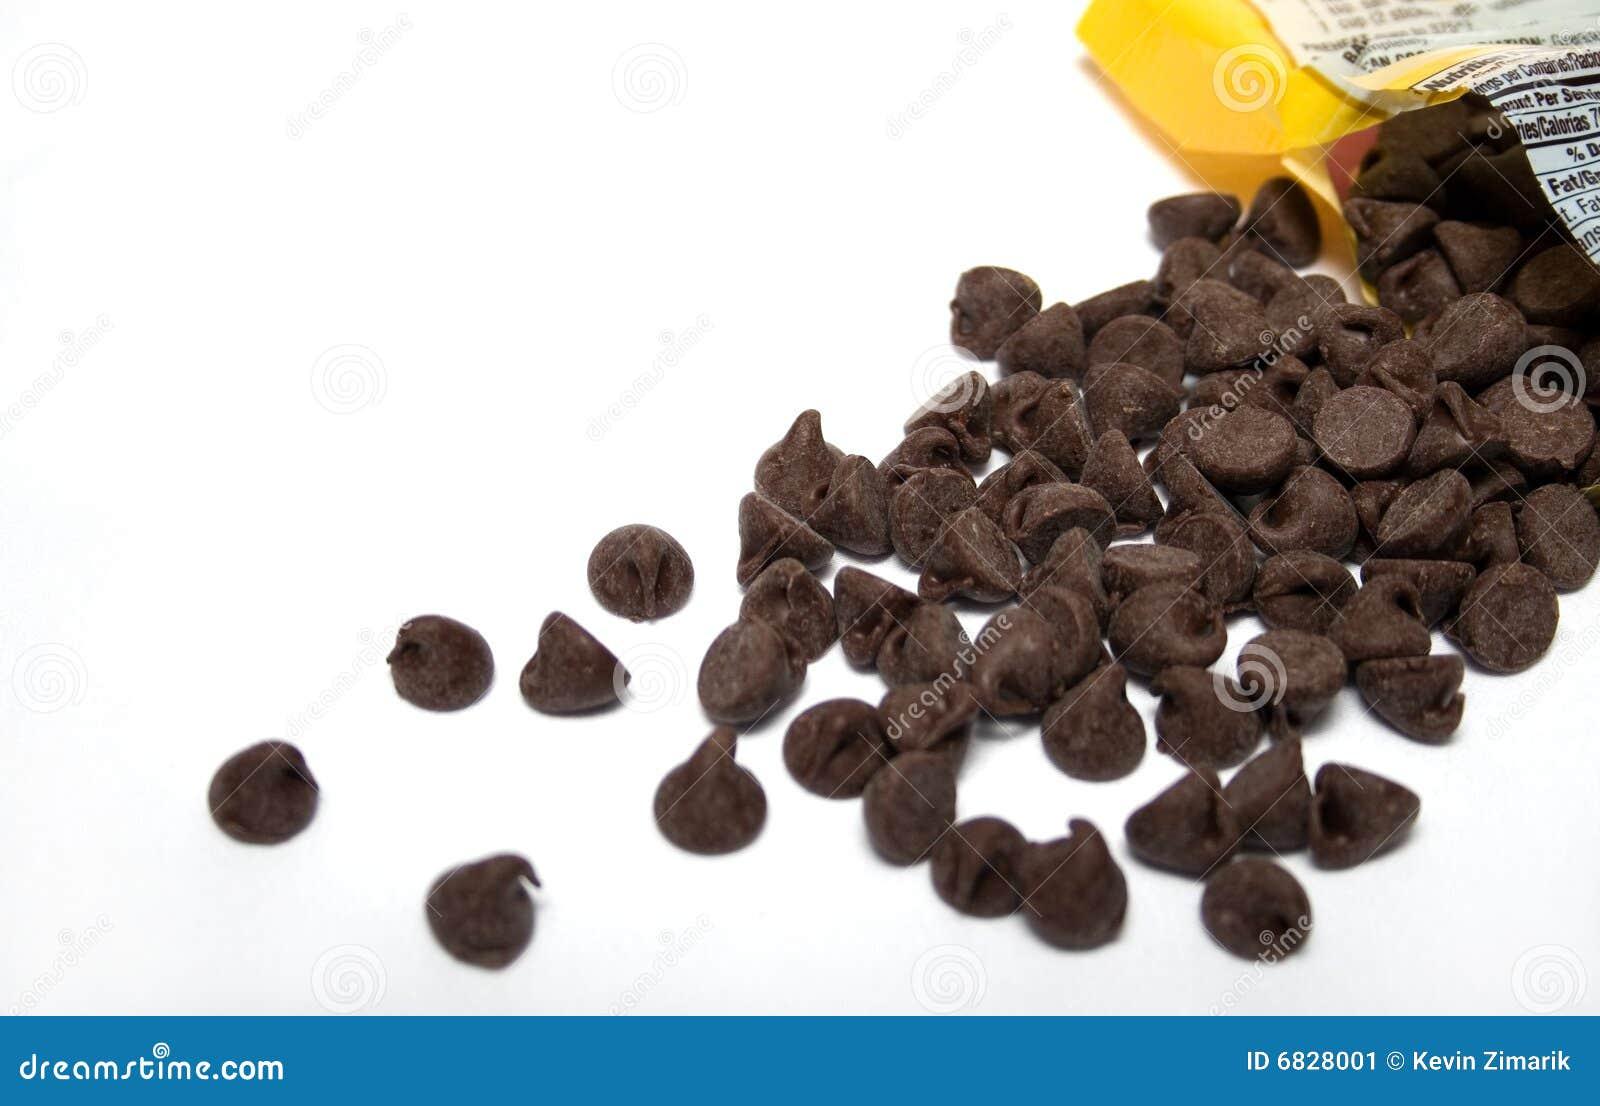 切削巧克力